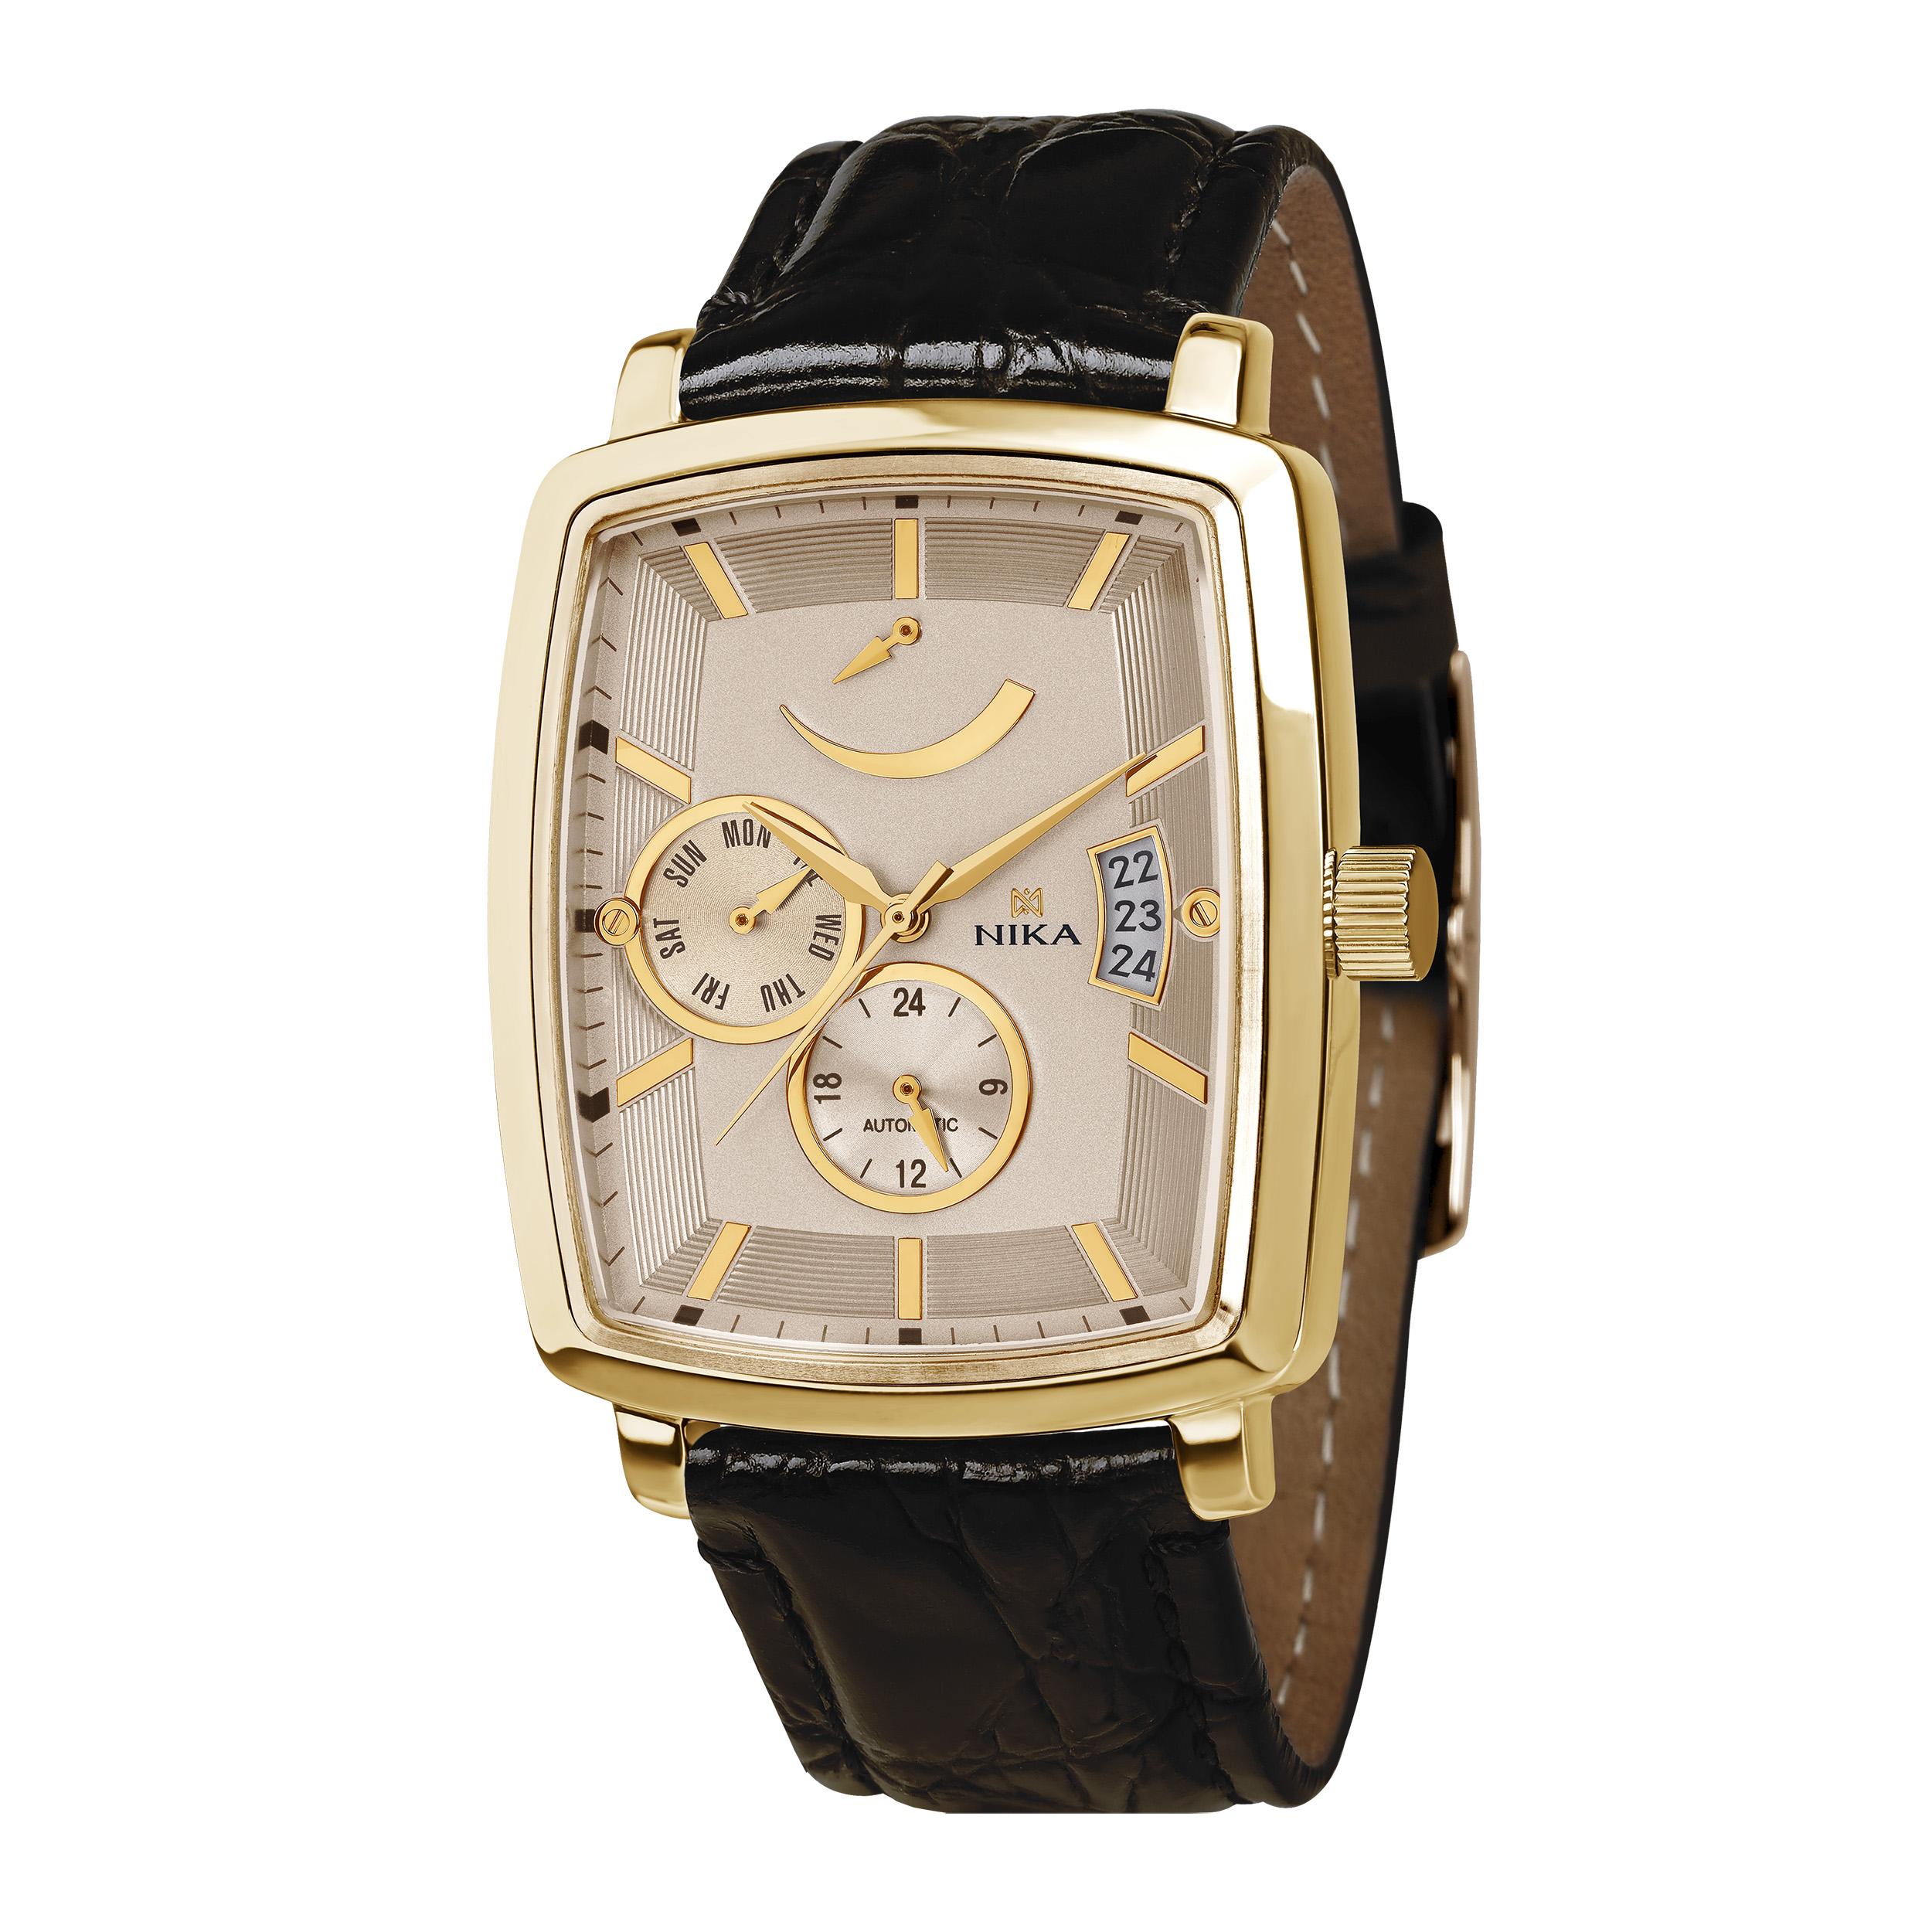 Мужские часы из лимонного золота механические с автоподзаводом запас хода 40 часов арт. 1231.0.3.85a 1231.0.3.85a